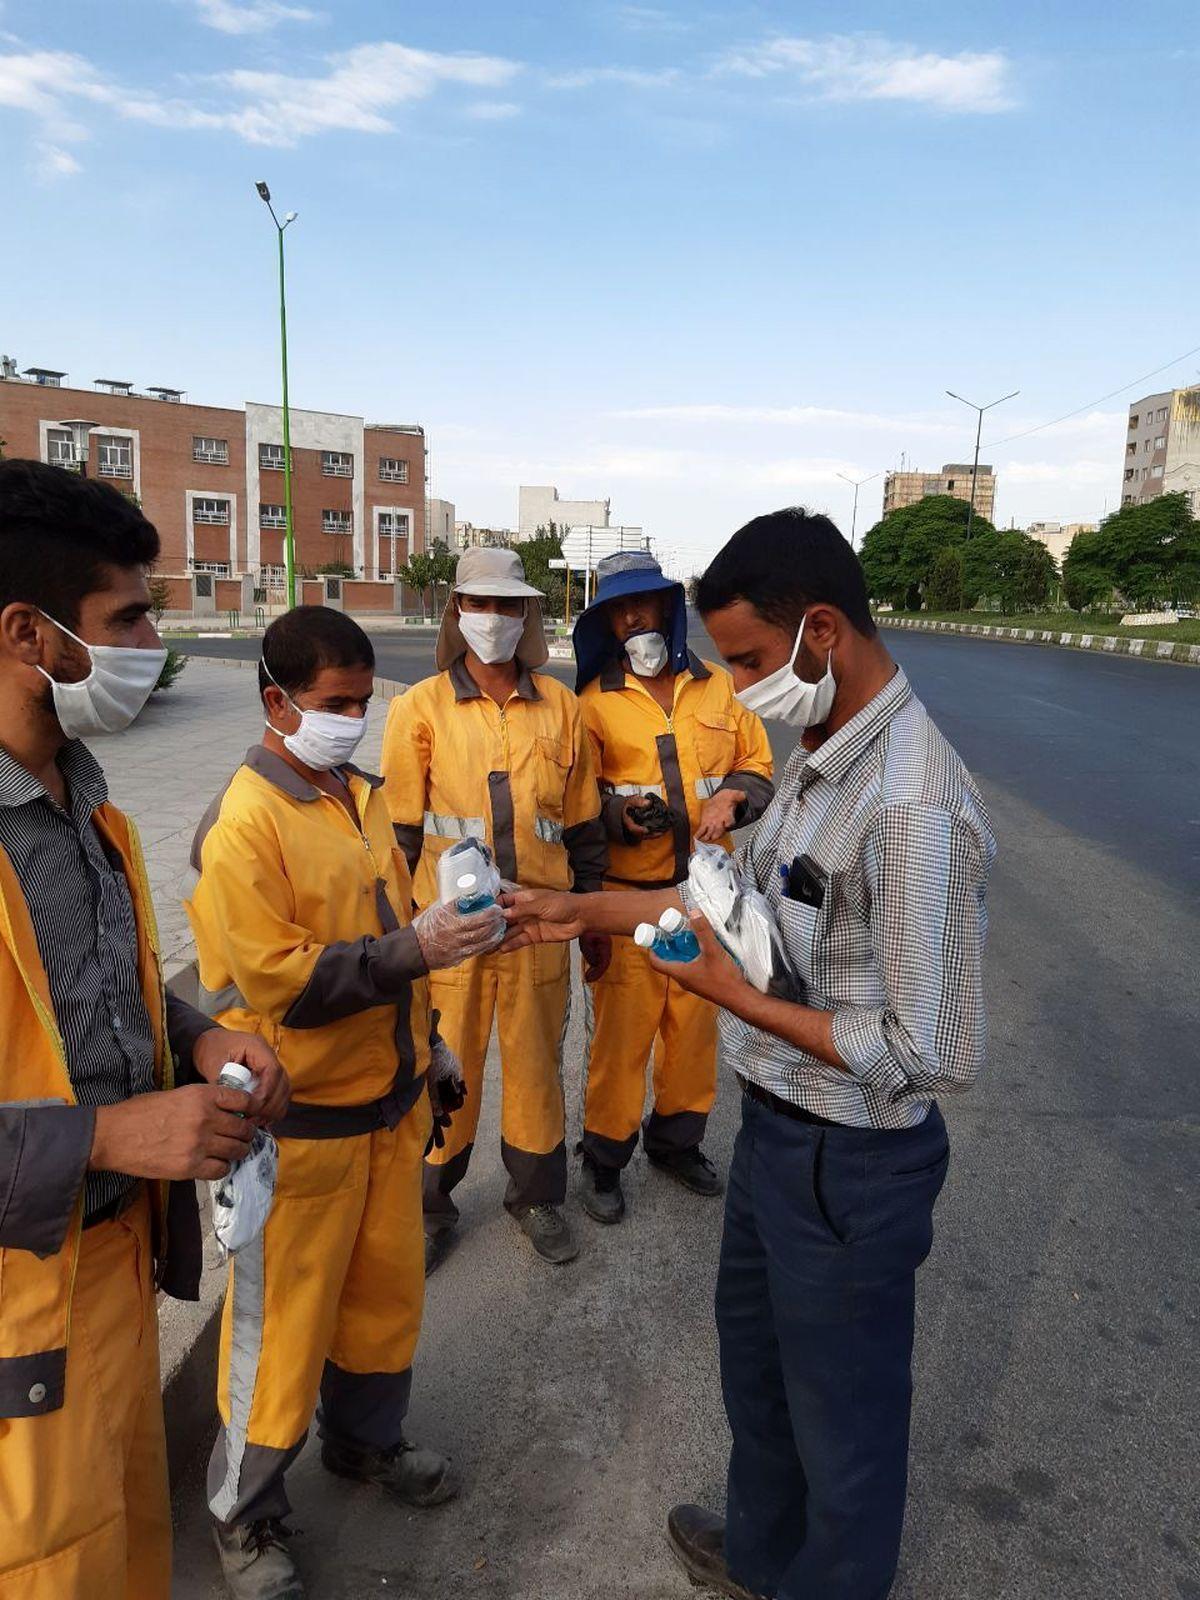 پاکبانان سمنانی درمرحله دوازدهم بسته های بهداشتی مقابله با کرونا دریافت کردند